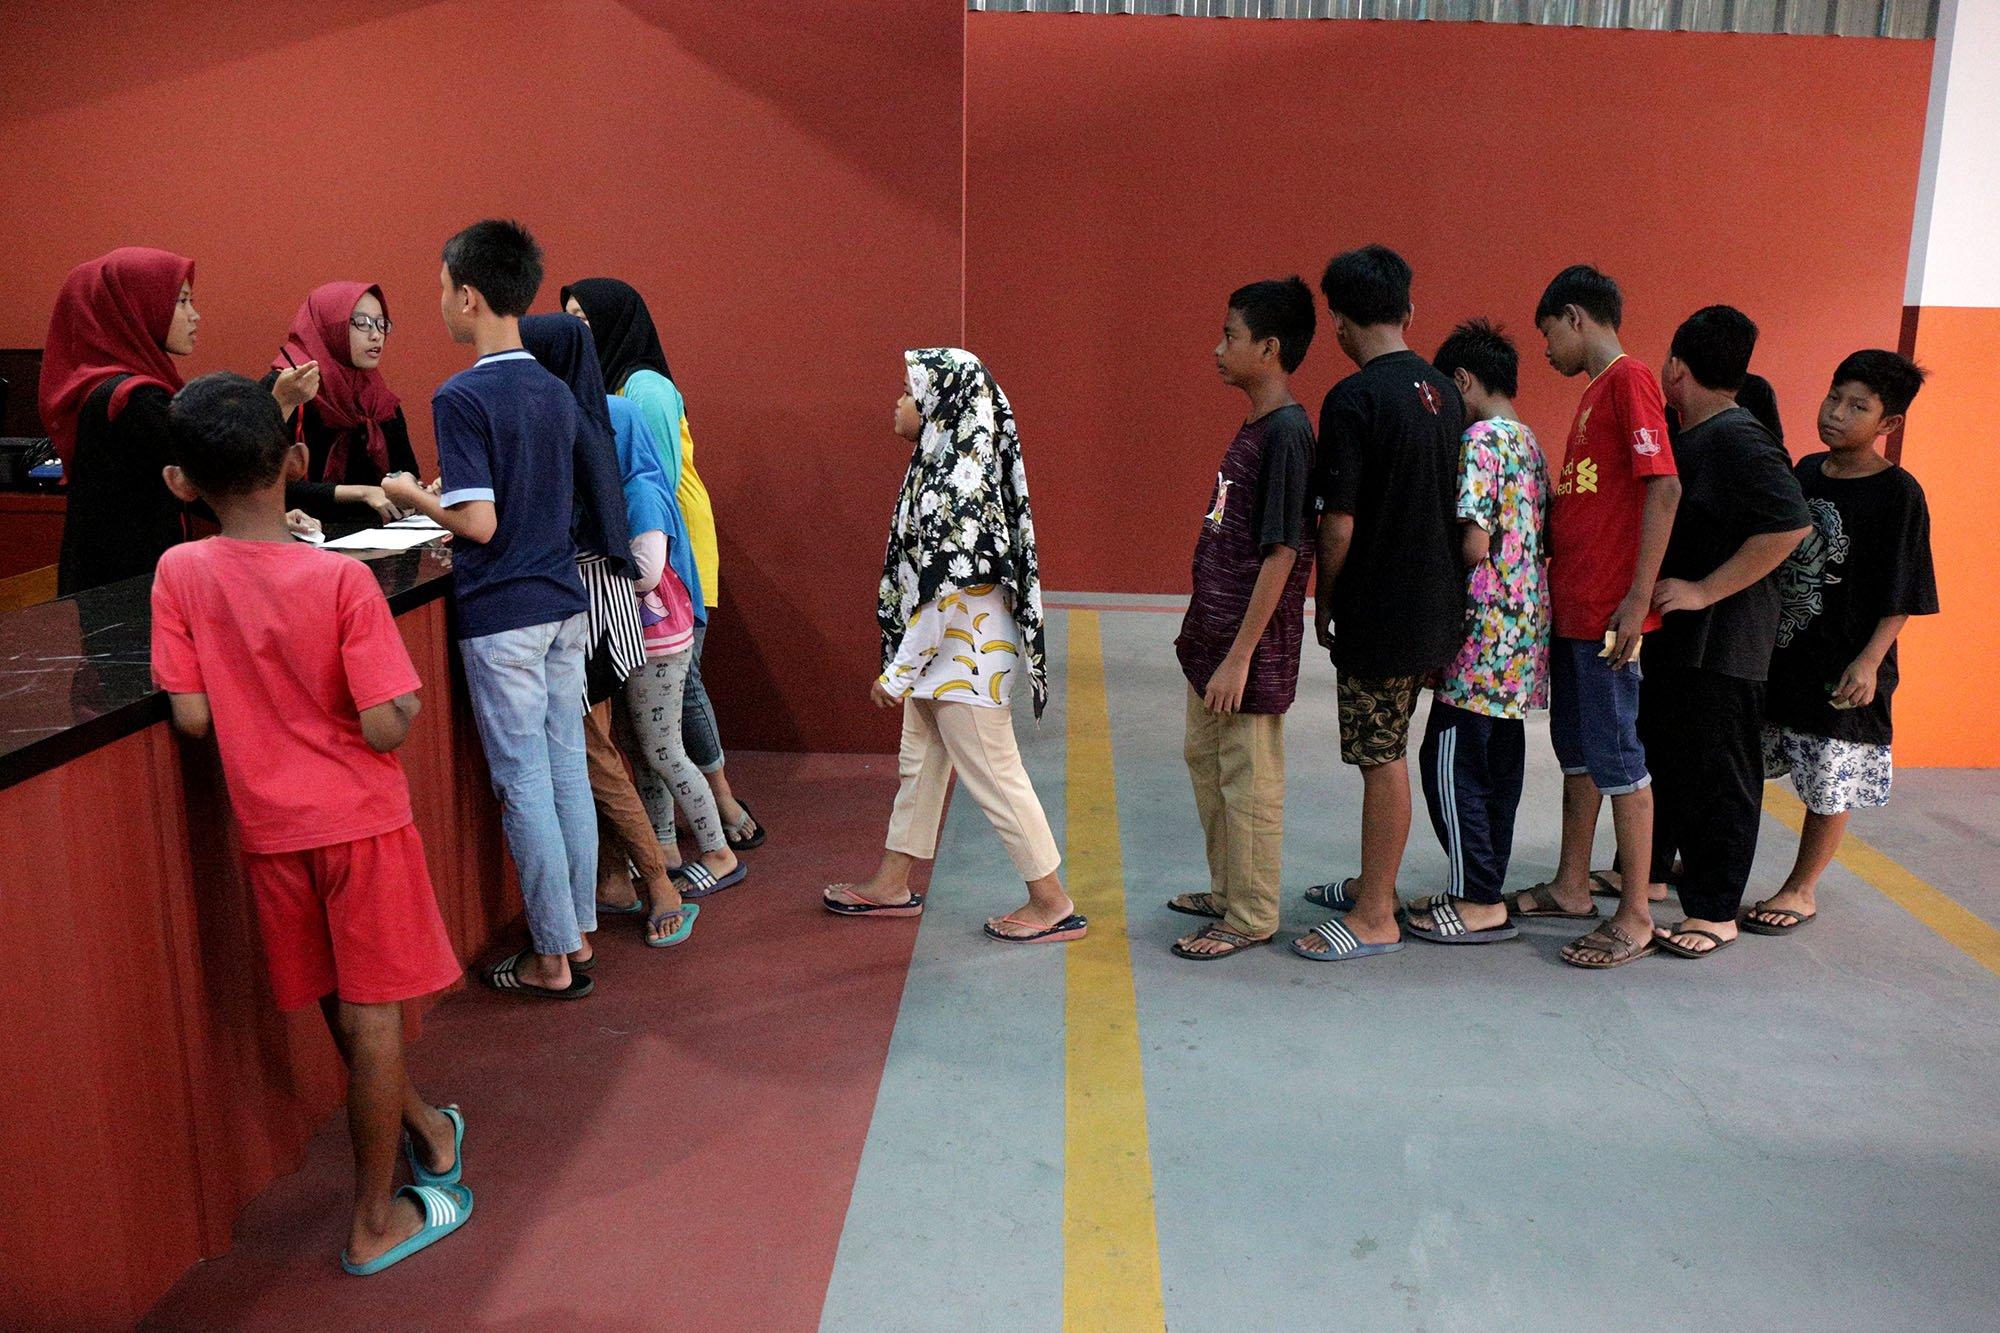 Sejumlah anak mengantre tiket untuk menonton film yang diputar di Indiskop atau Bioskop Rakyat yang di dalam Pasar Jaya Teluk Gong, Penjaringan, Jakarta Utara, Selasa (2/7/2019). Bioskop rakyat yang khusus menayangkan film-film Indonesia ini memiliki 2 studio dengan kapasitas masing-masing 128 kursi penonton, 6 speaker, 1 proyektor layar, dan 3 pendingin ruangan. Dalam masa uji coba ini, warga yang ingin menjajal bioskop rakyat ini cukup merogoh kocek Rp. 15.000 untuk dewasa dan Rp. 5.000 untuk anak kecil.